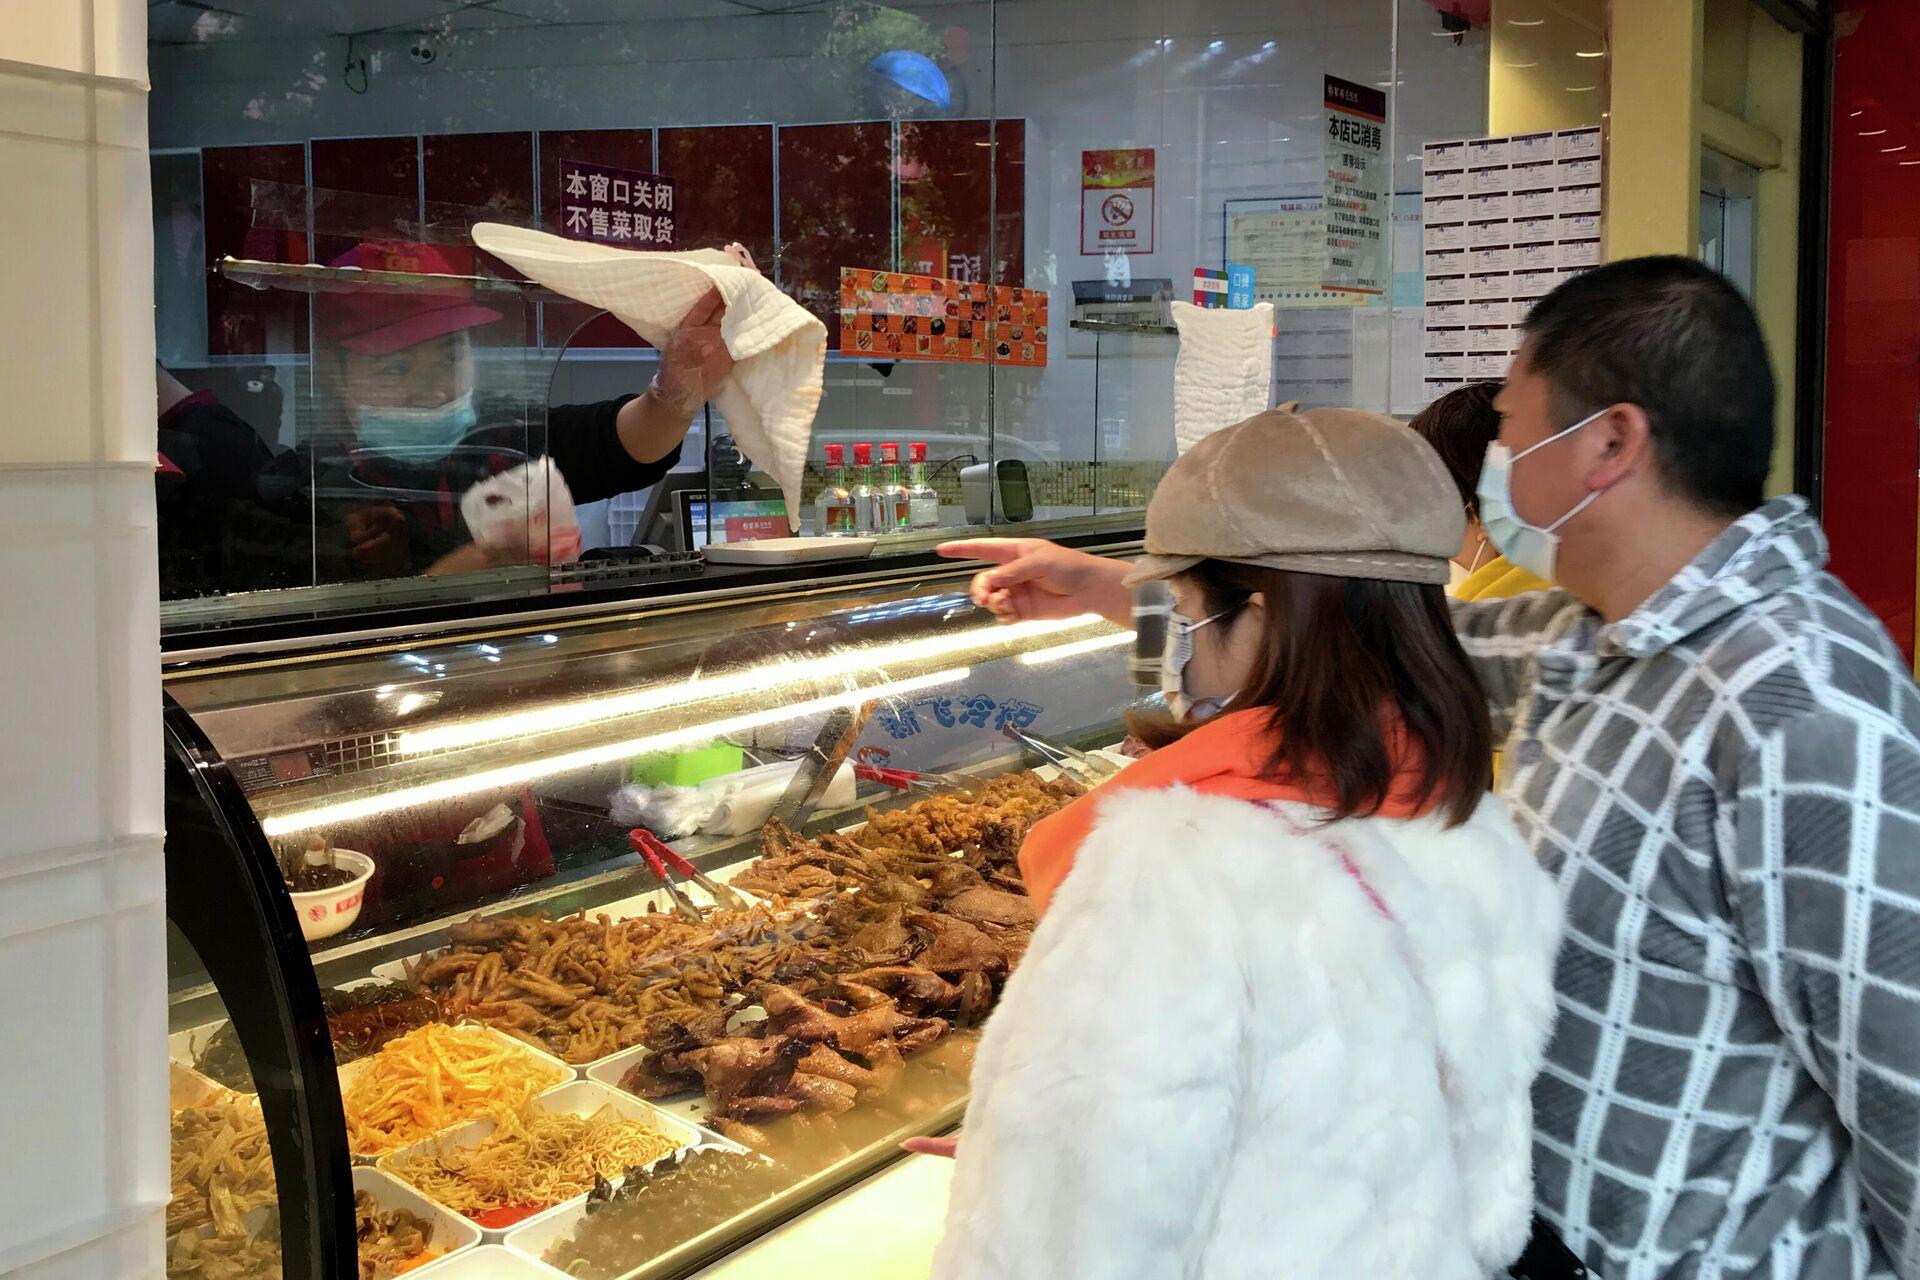 Местные жители покупают еду навынос в Ухани, КНР - РИА Новости, 1920, 23.10.2020